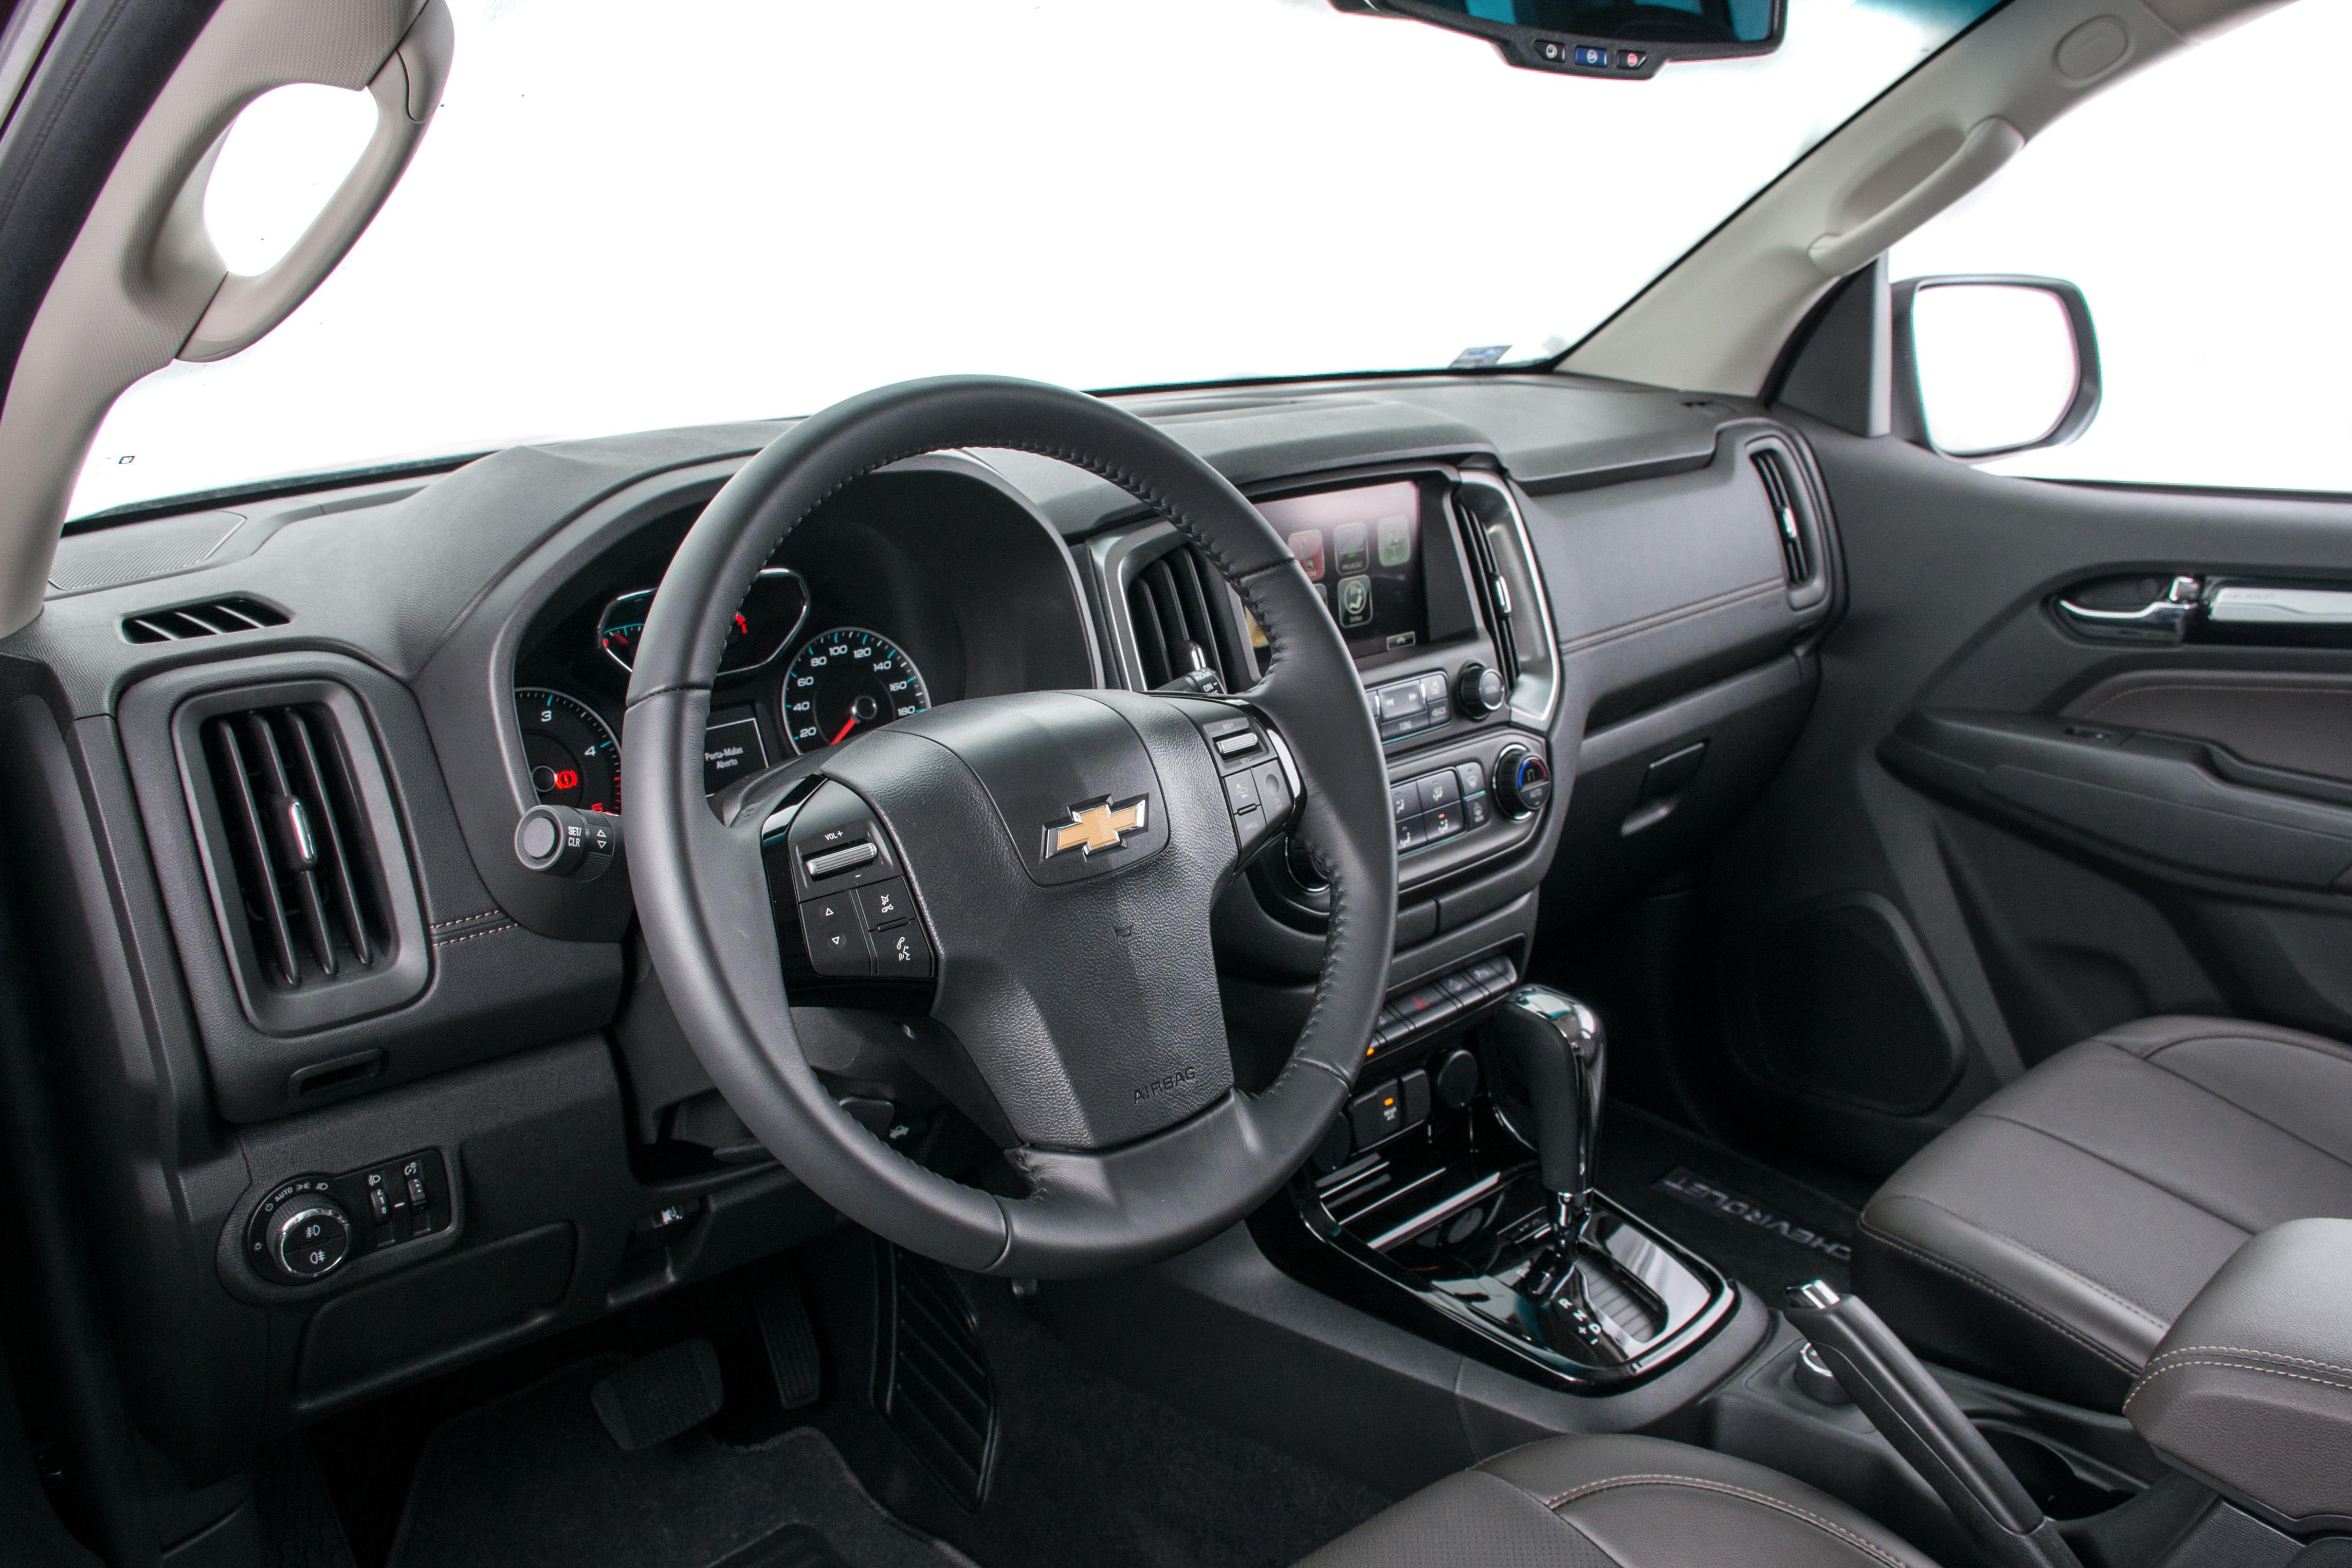 2017 Chevrolet Trailblazer facelift unveiled in Brazil Image 489837